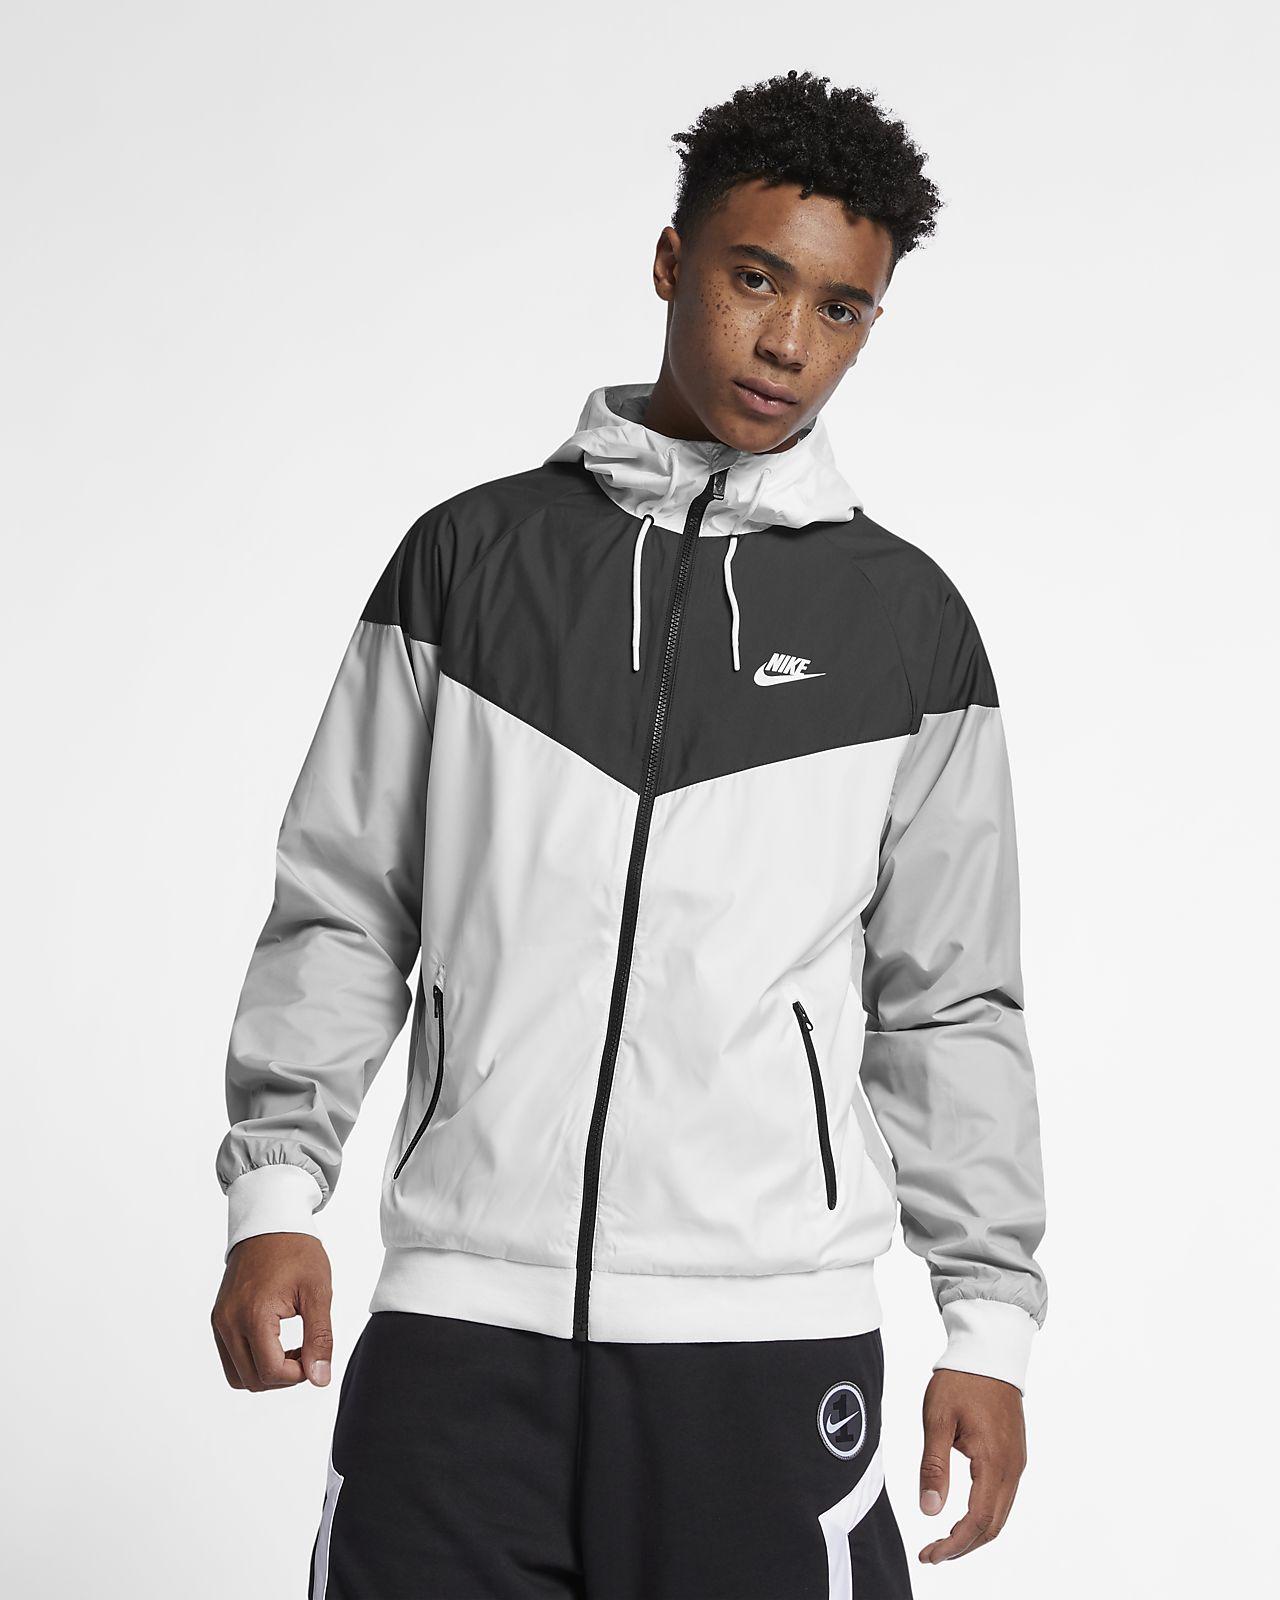 bd6acaaf3a49 Nike Sportswear Windrunner Herrenjacke. Nike.com CH